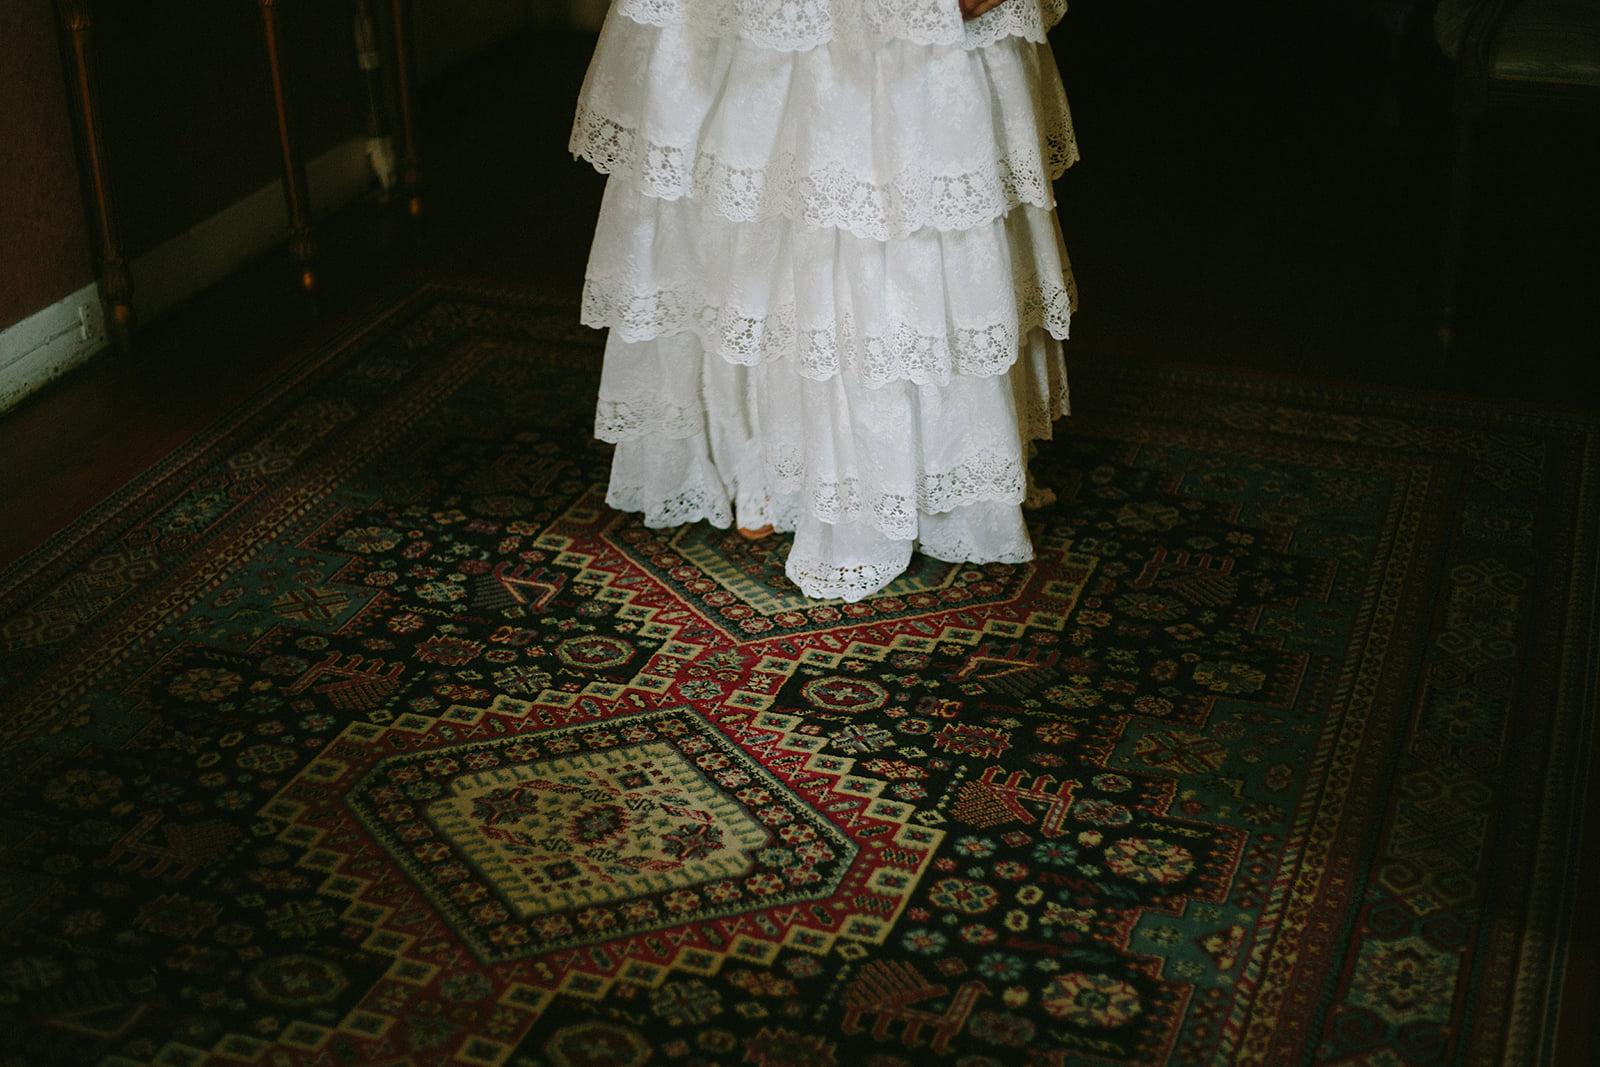 Fotografia de vestido de noiva